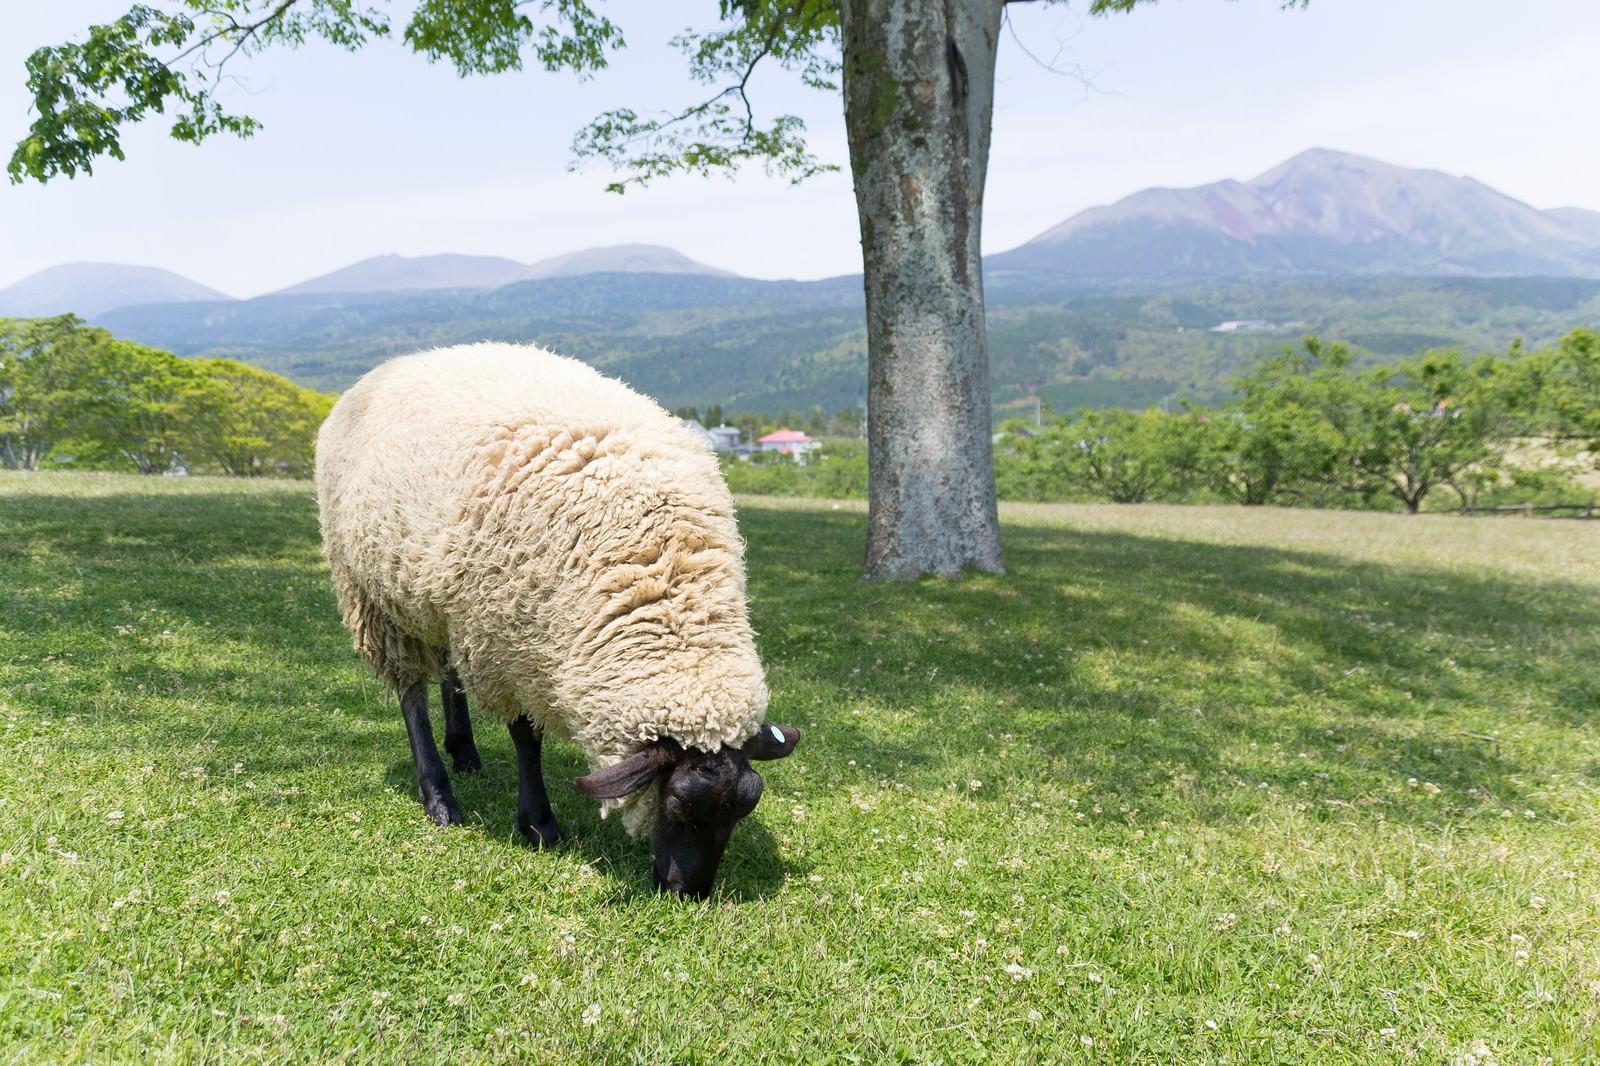 「丘の上のモコモコ羊丘の上のモコモコ羊」のフリー写真素材を拡大